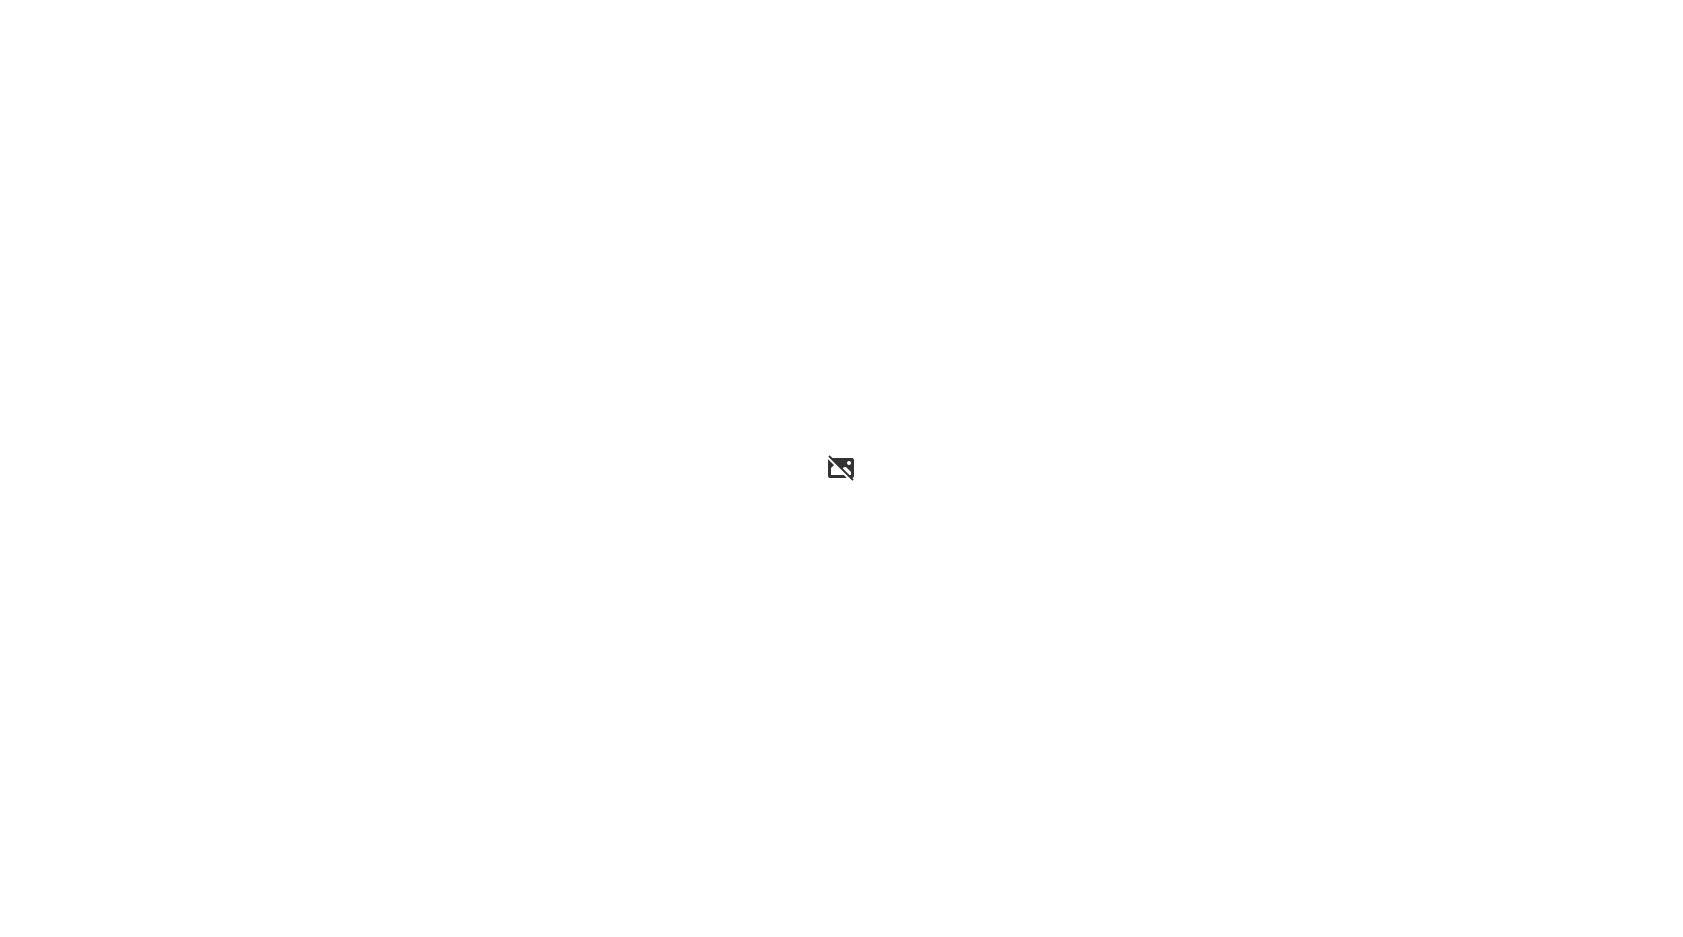 S.K.I.L.L. - SF2 cat 4